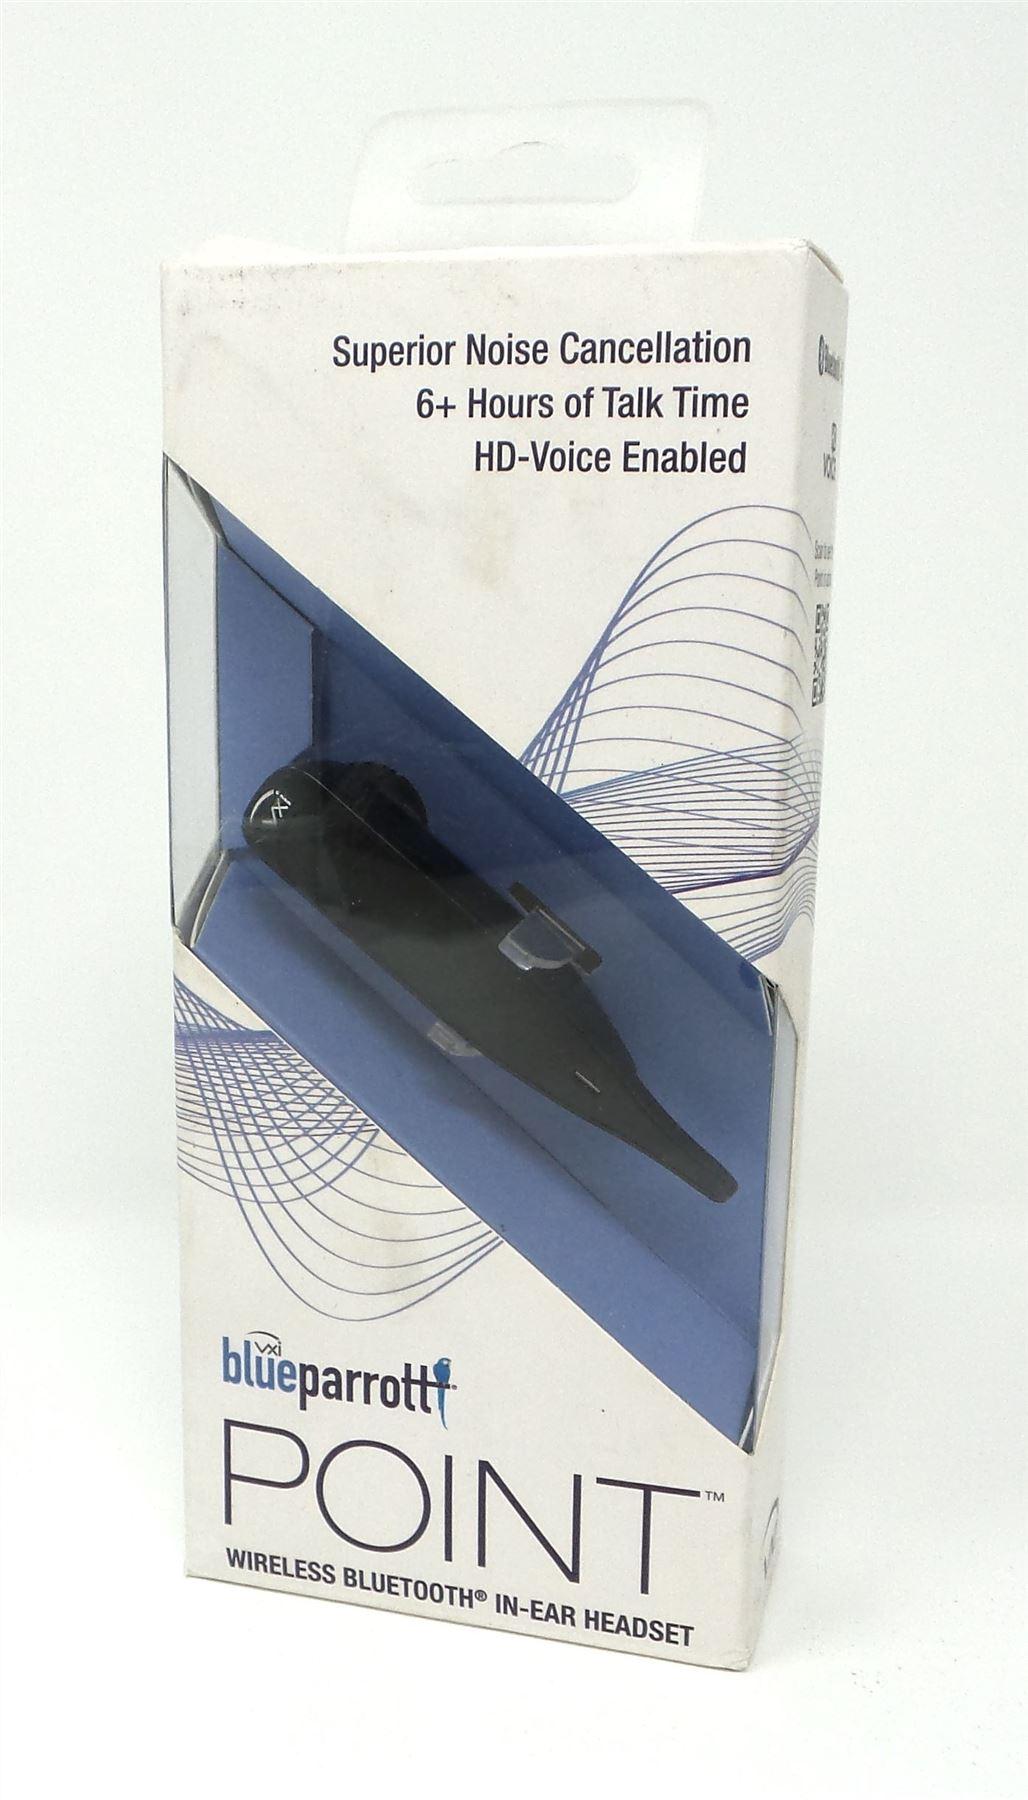 ee4e9585805 Vxi BlueParrott Point Bluetooth Wireless In-Ear Headset Black Noise  Canceling